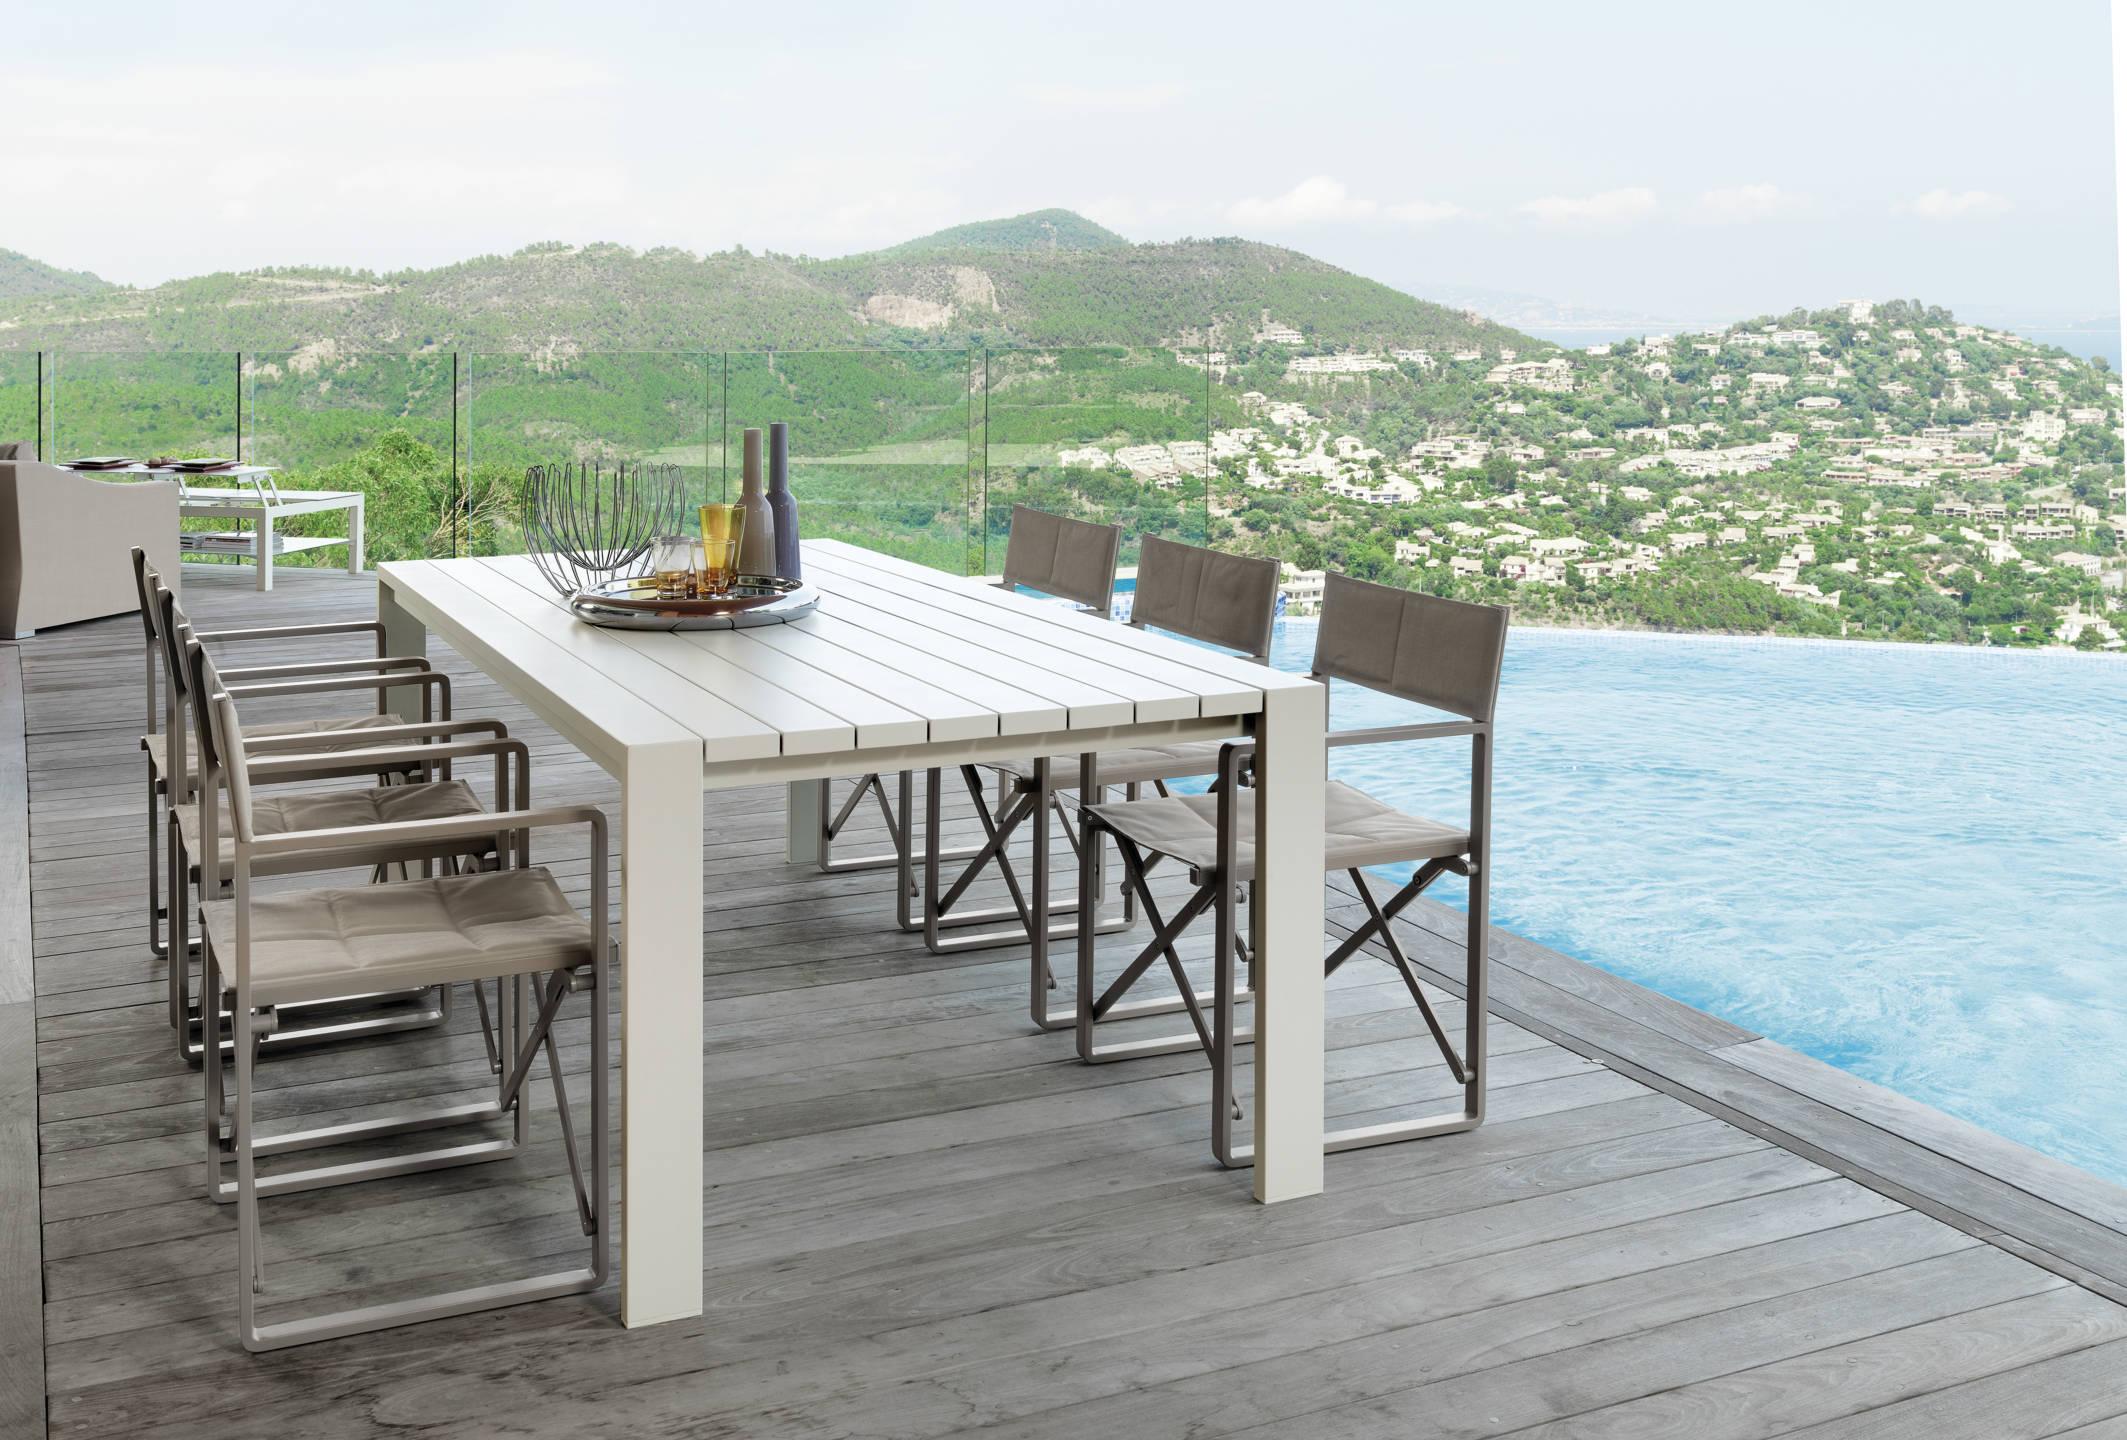 Vivereverde sedia regista chiccollection sedie da for Offerte tavoli e sedie da esterno